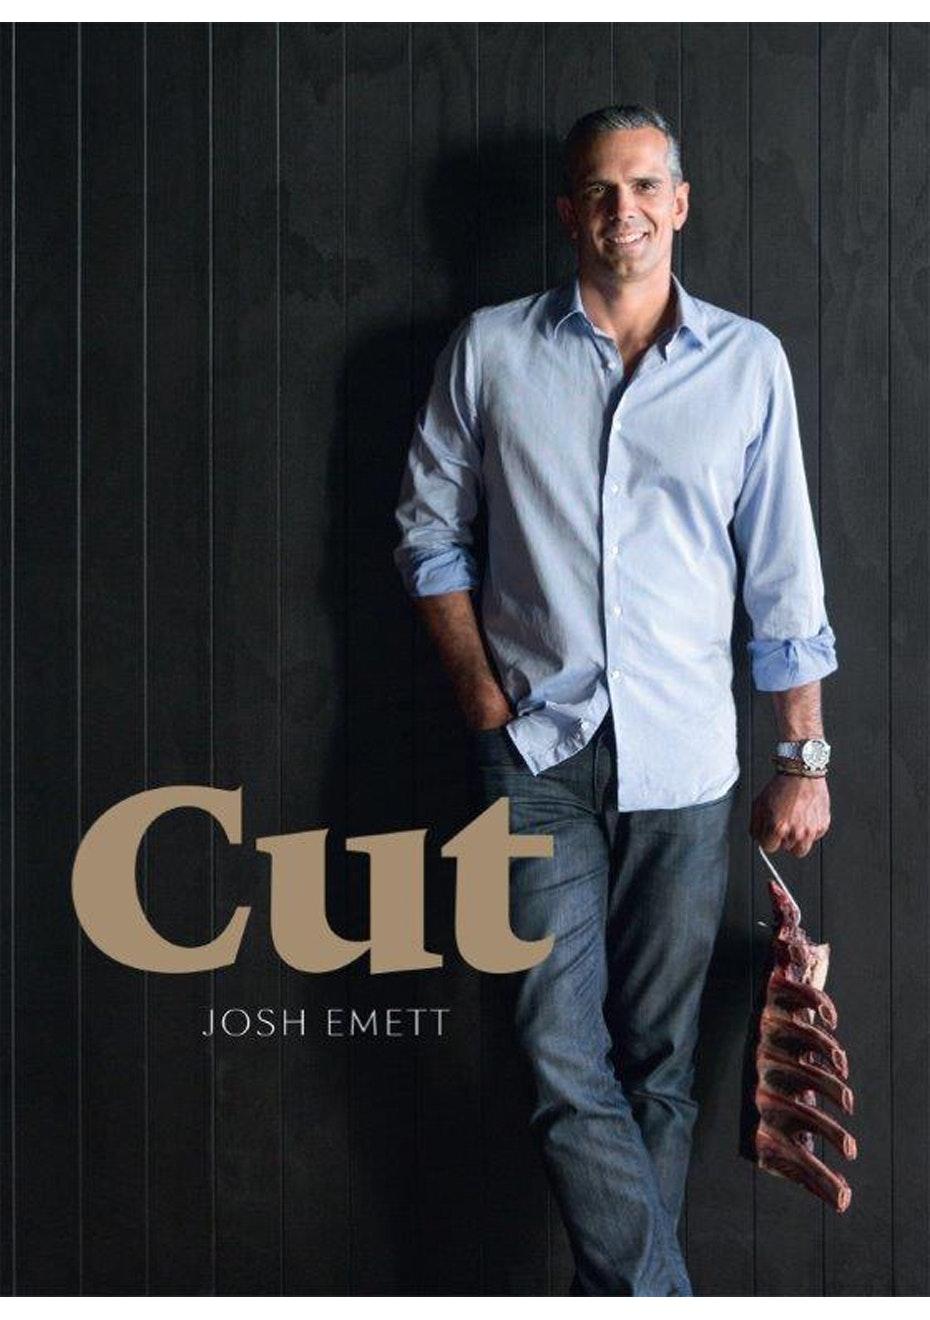 Cut, by Josh Emett